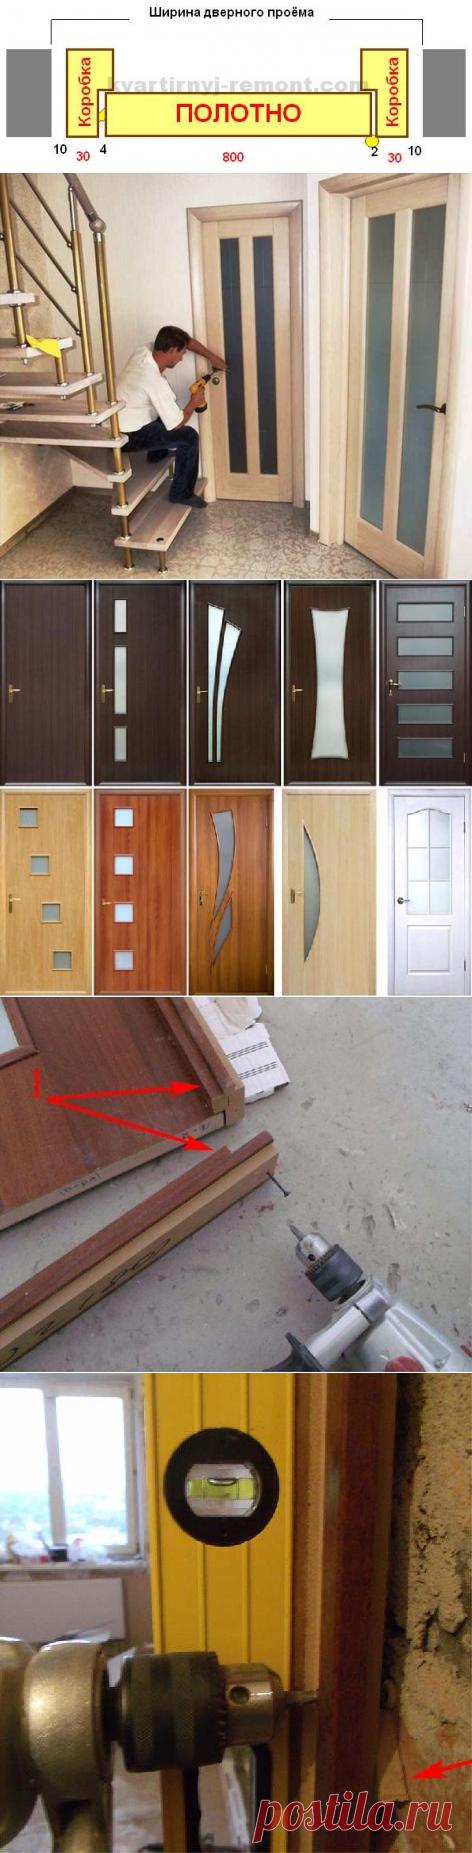 Как самостоятельно установить дверь в квартире между комнатами своими руками. Инструкция по установке и монтажу межкомнатной двери с наглядными пошаговыми фото и схемами